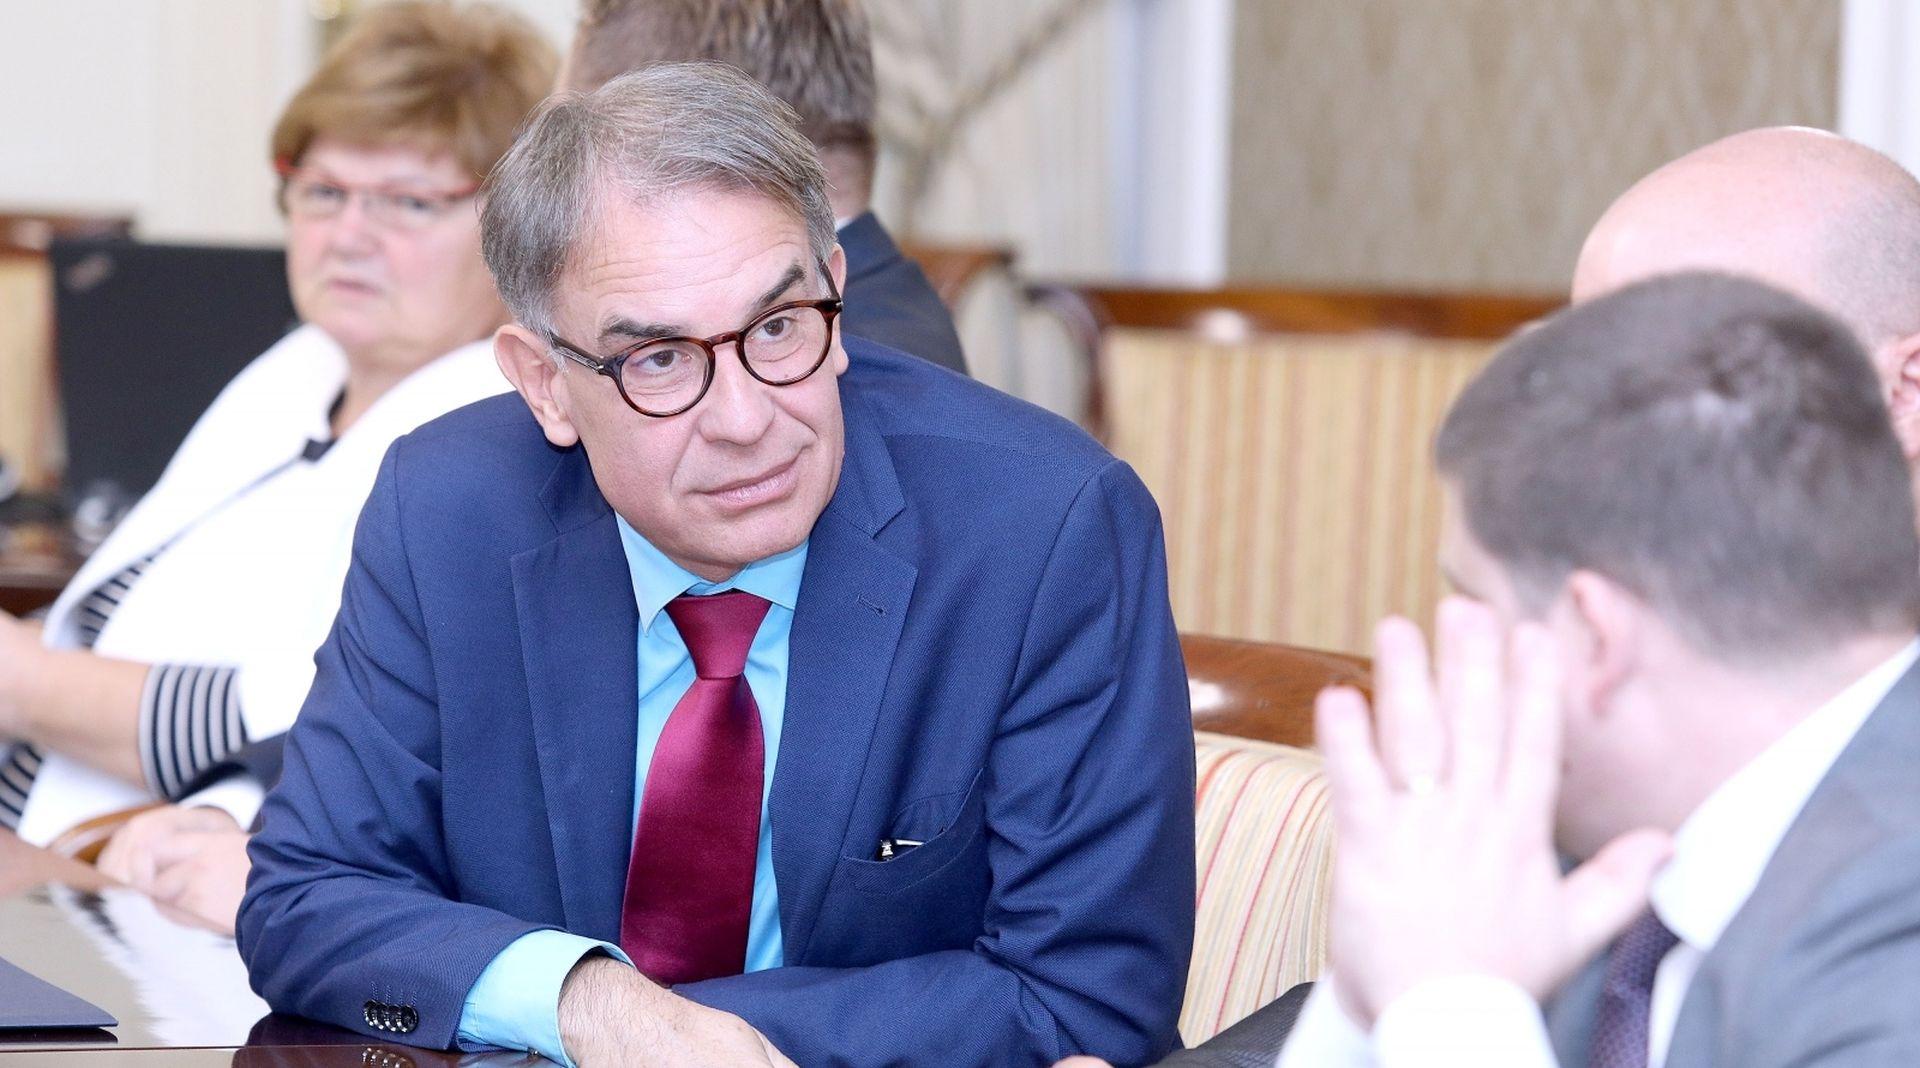 Capelli najavio povećanje kvote stranih radnika u turizmu na 15 tisuća